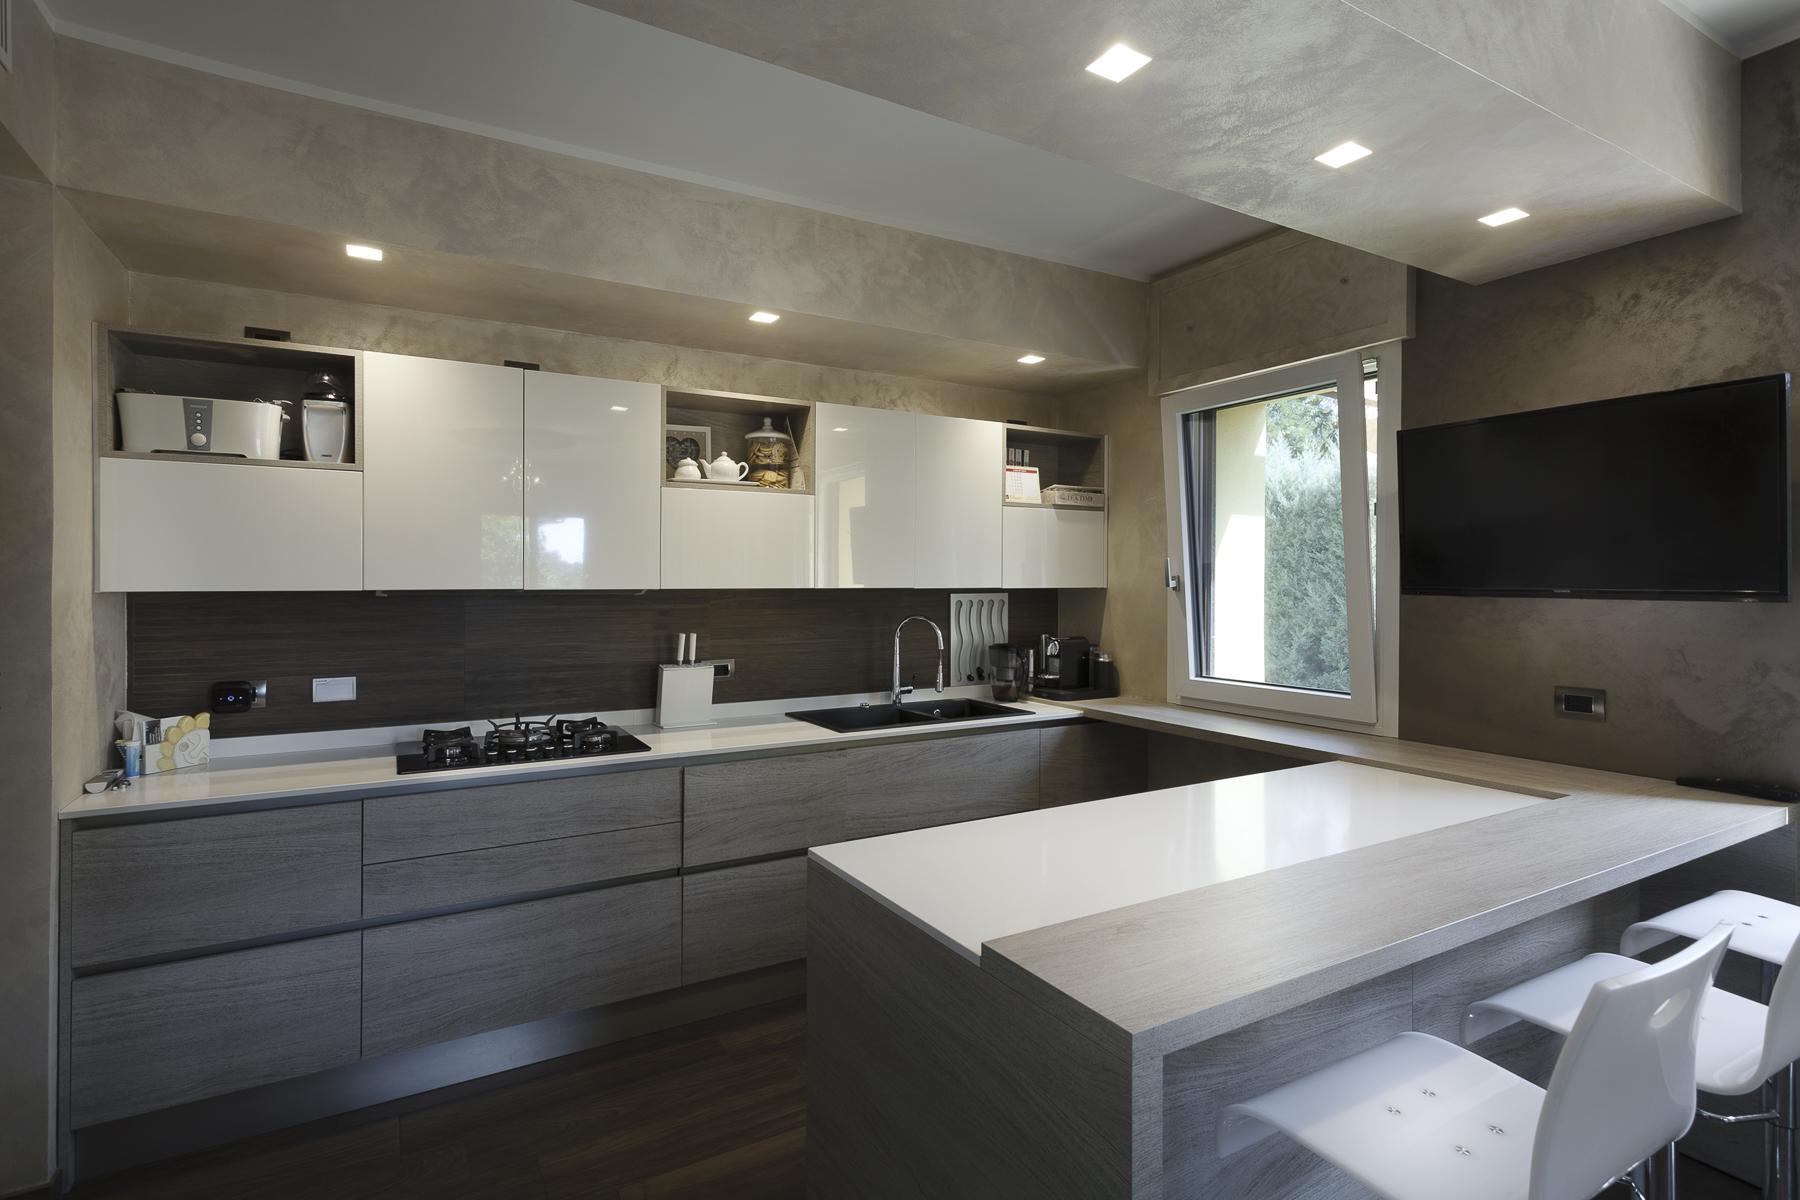 Casa indipendente in Vendita a Moncalieri: 5 locali, 250 mq - Foto 5